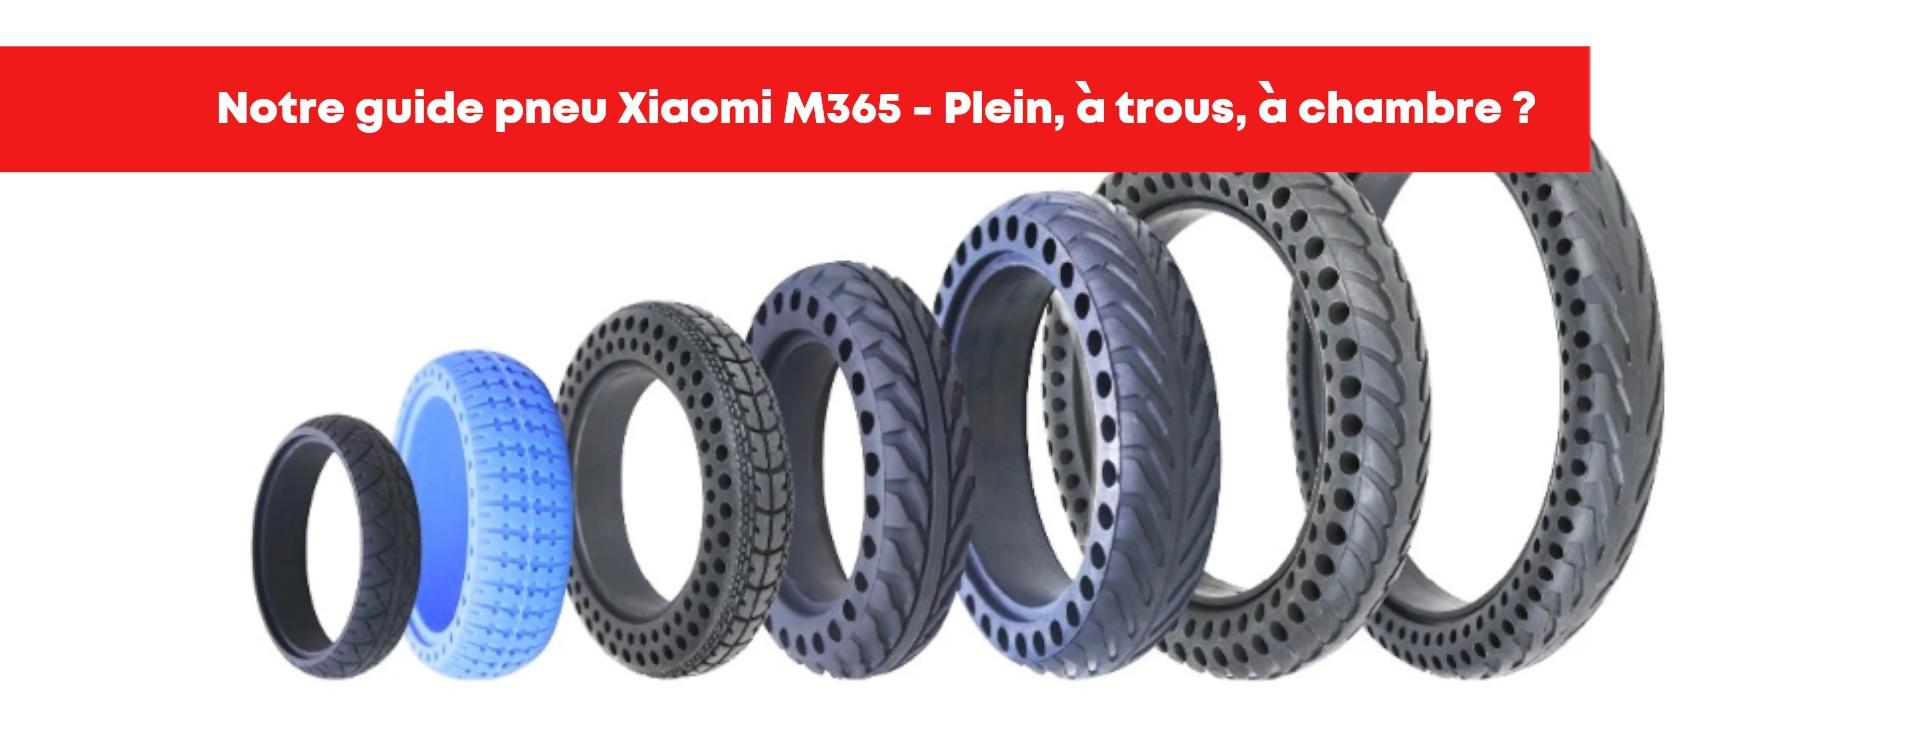 Avis pneu trottinette électrique Xiaomi M365 – Pneu plein, à trous, chambre ? Notre Guide